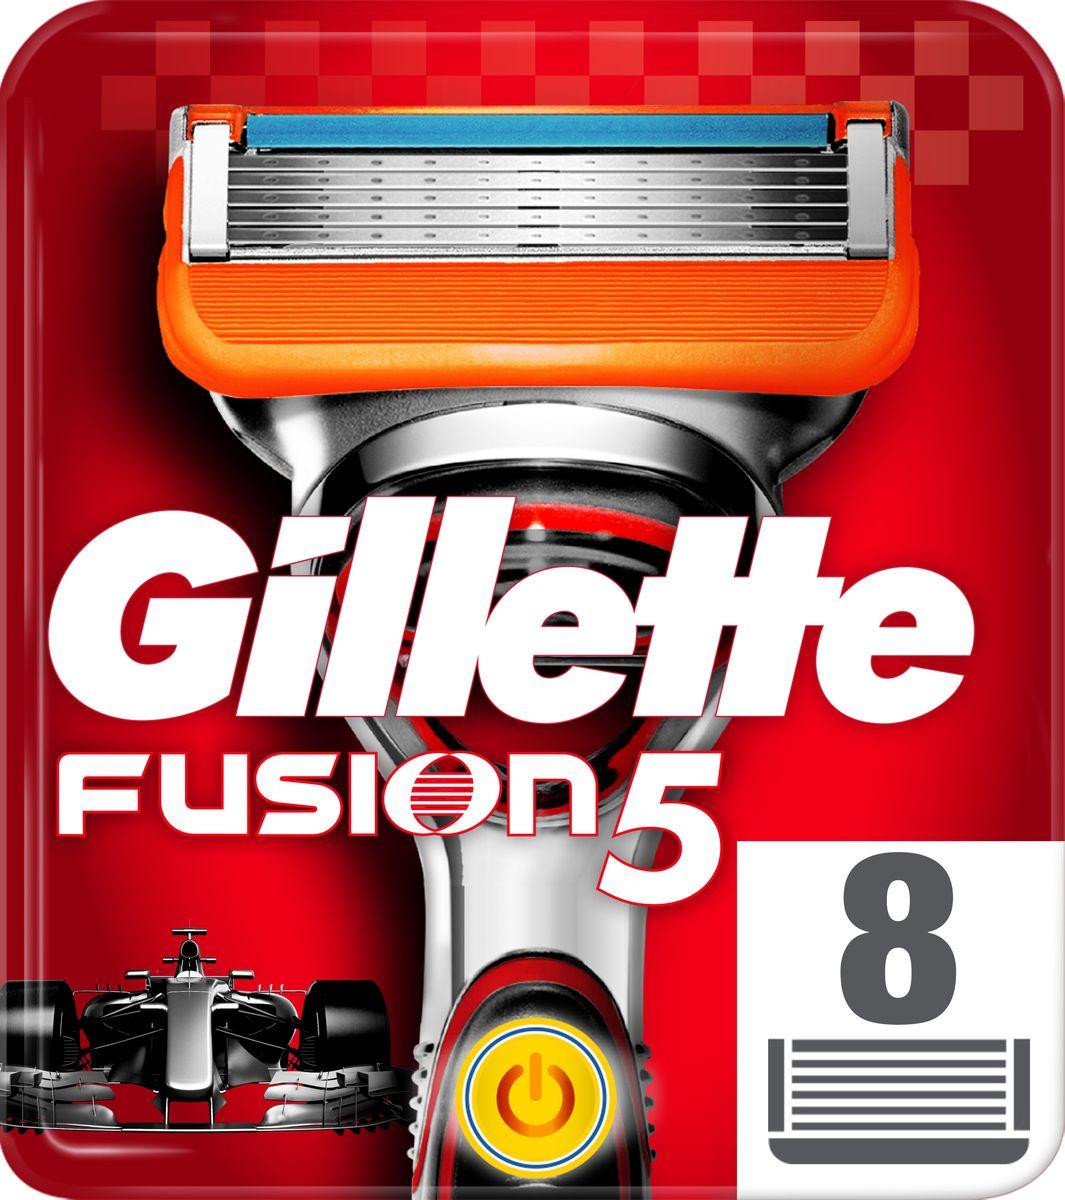 Сменные Кассеты Gillette Fusion5 Power для Мужской Бритвы, 8 шт